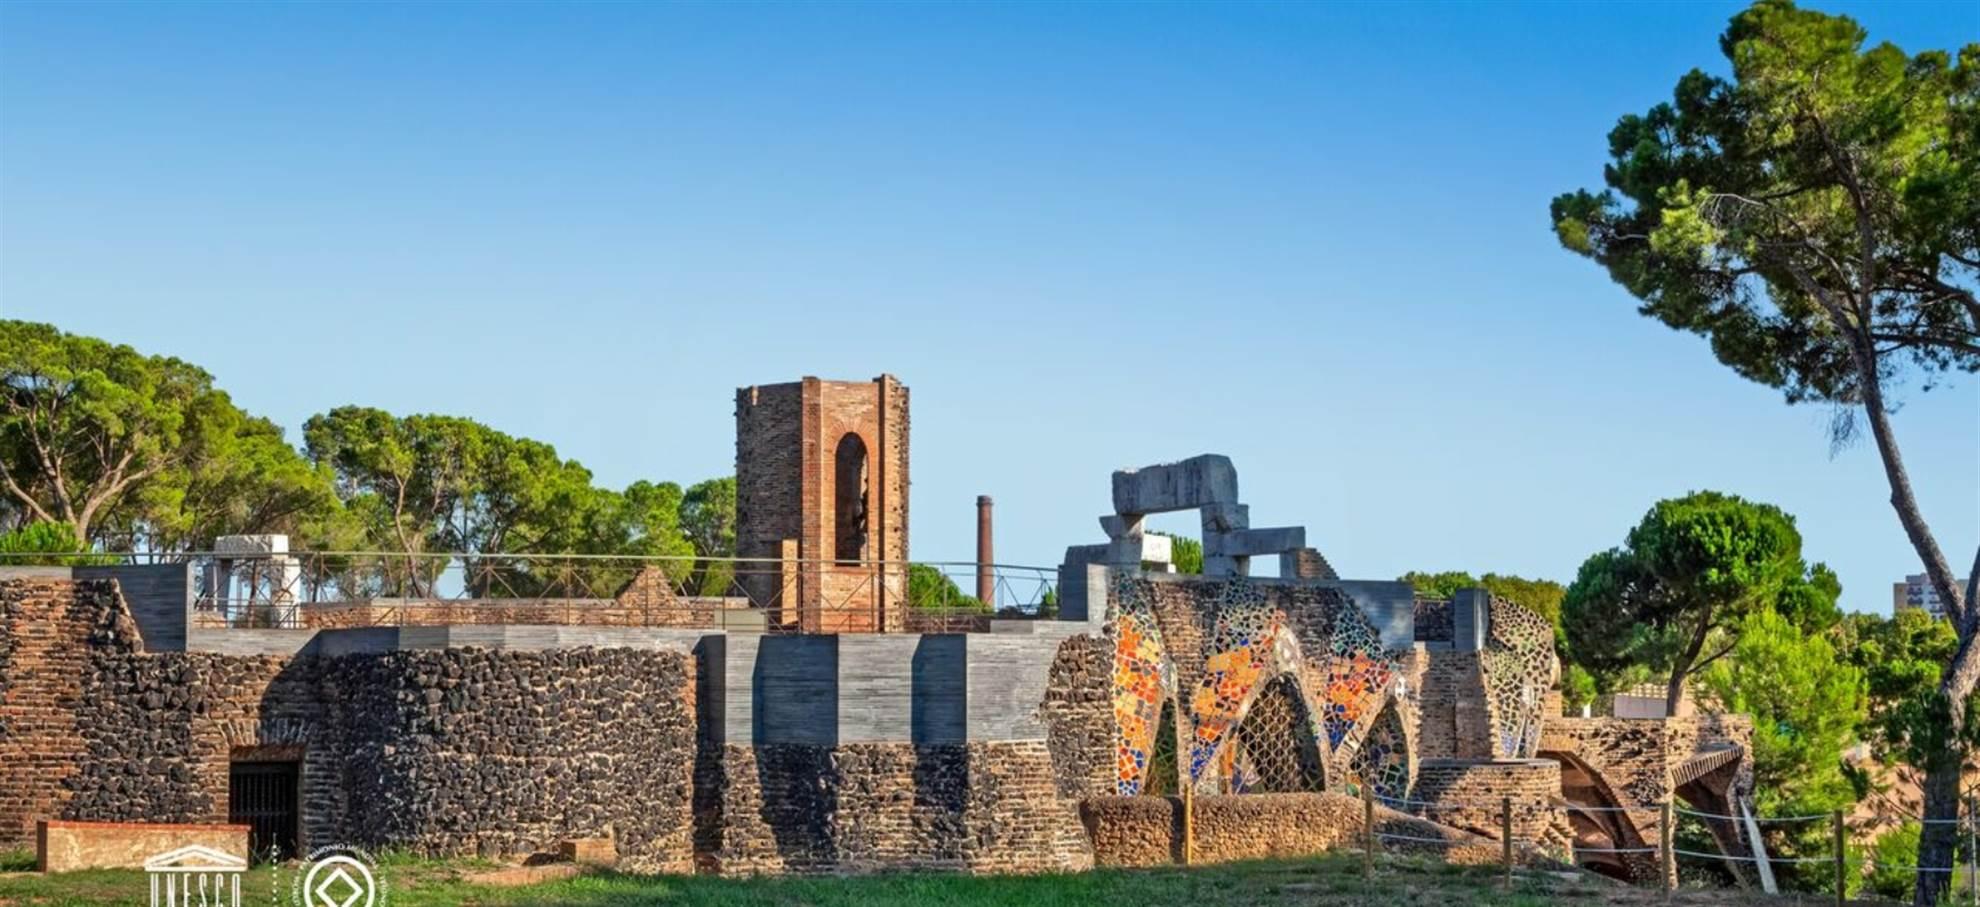 La cripta de Gaudí en Colonia Güell: visita + audioguía